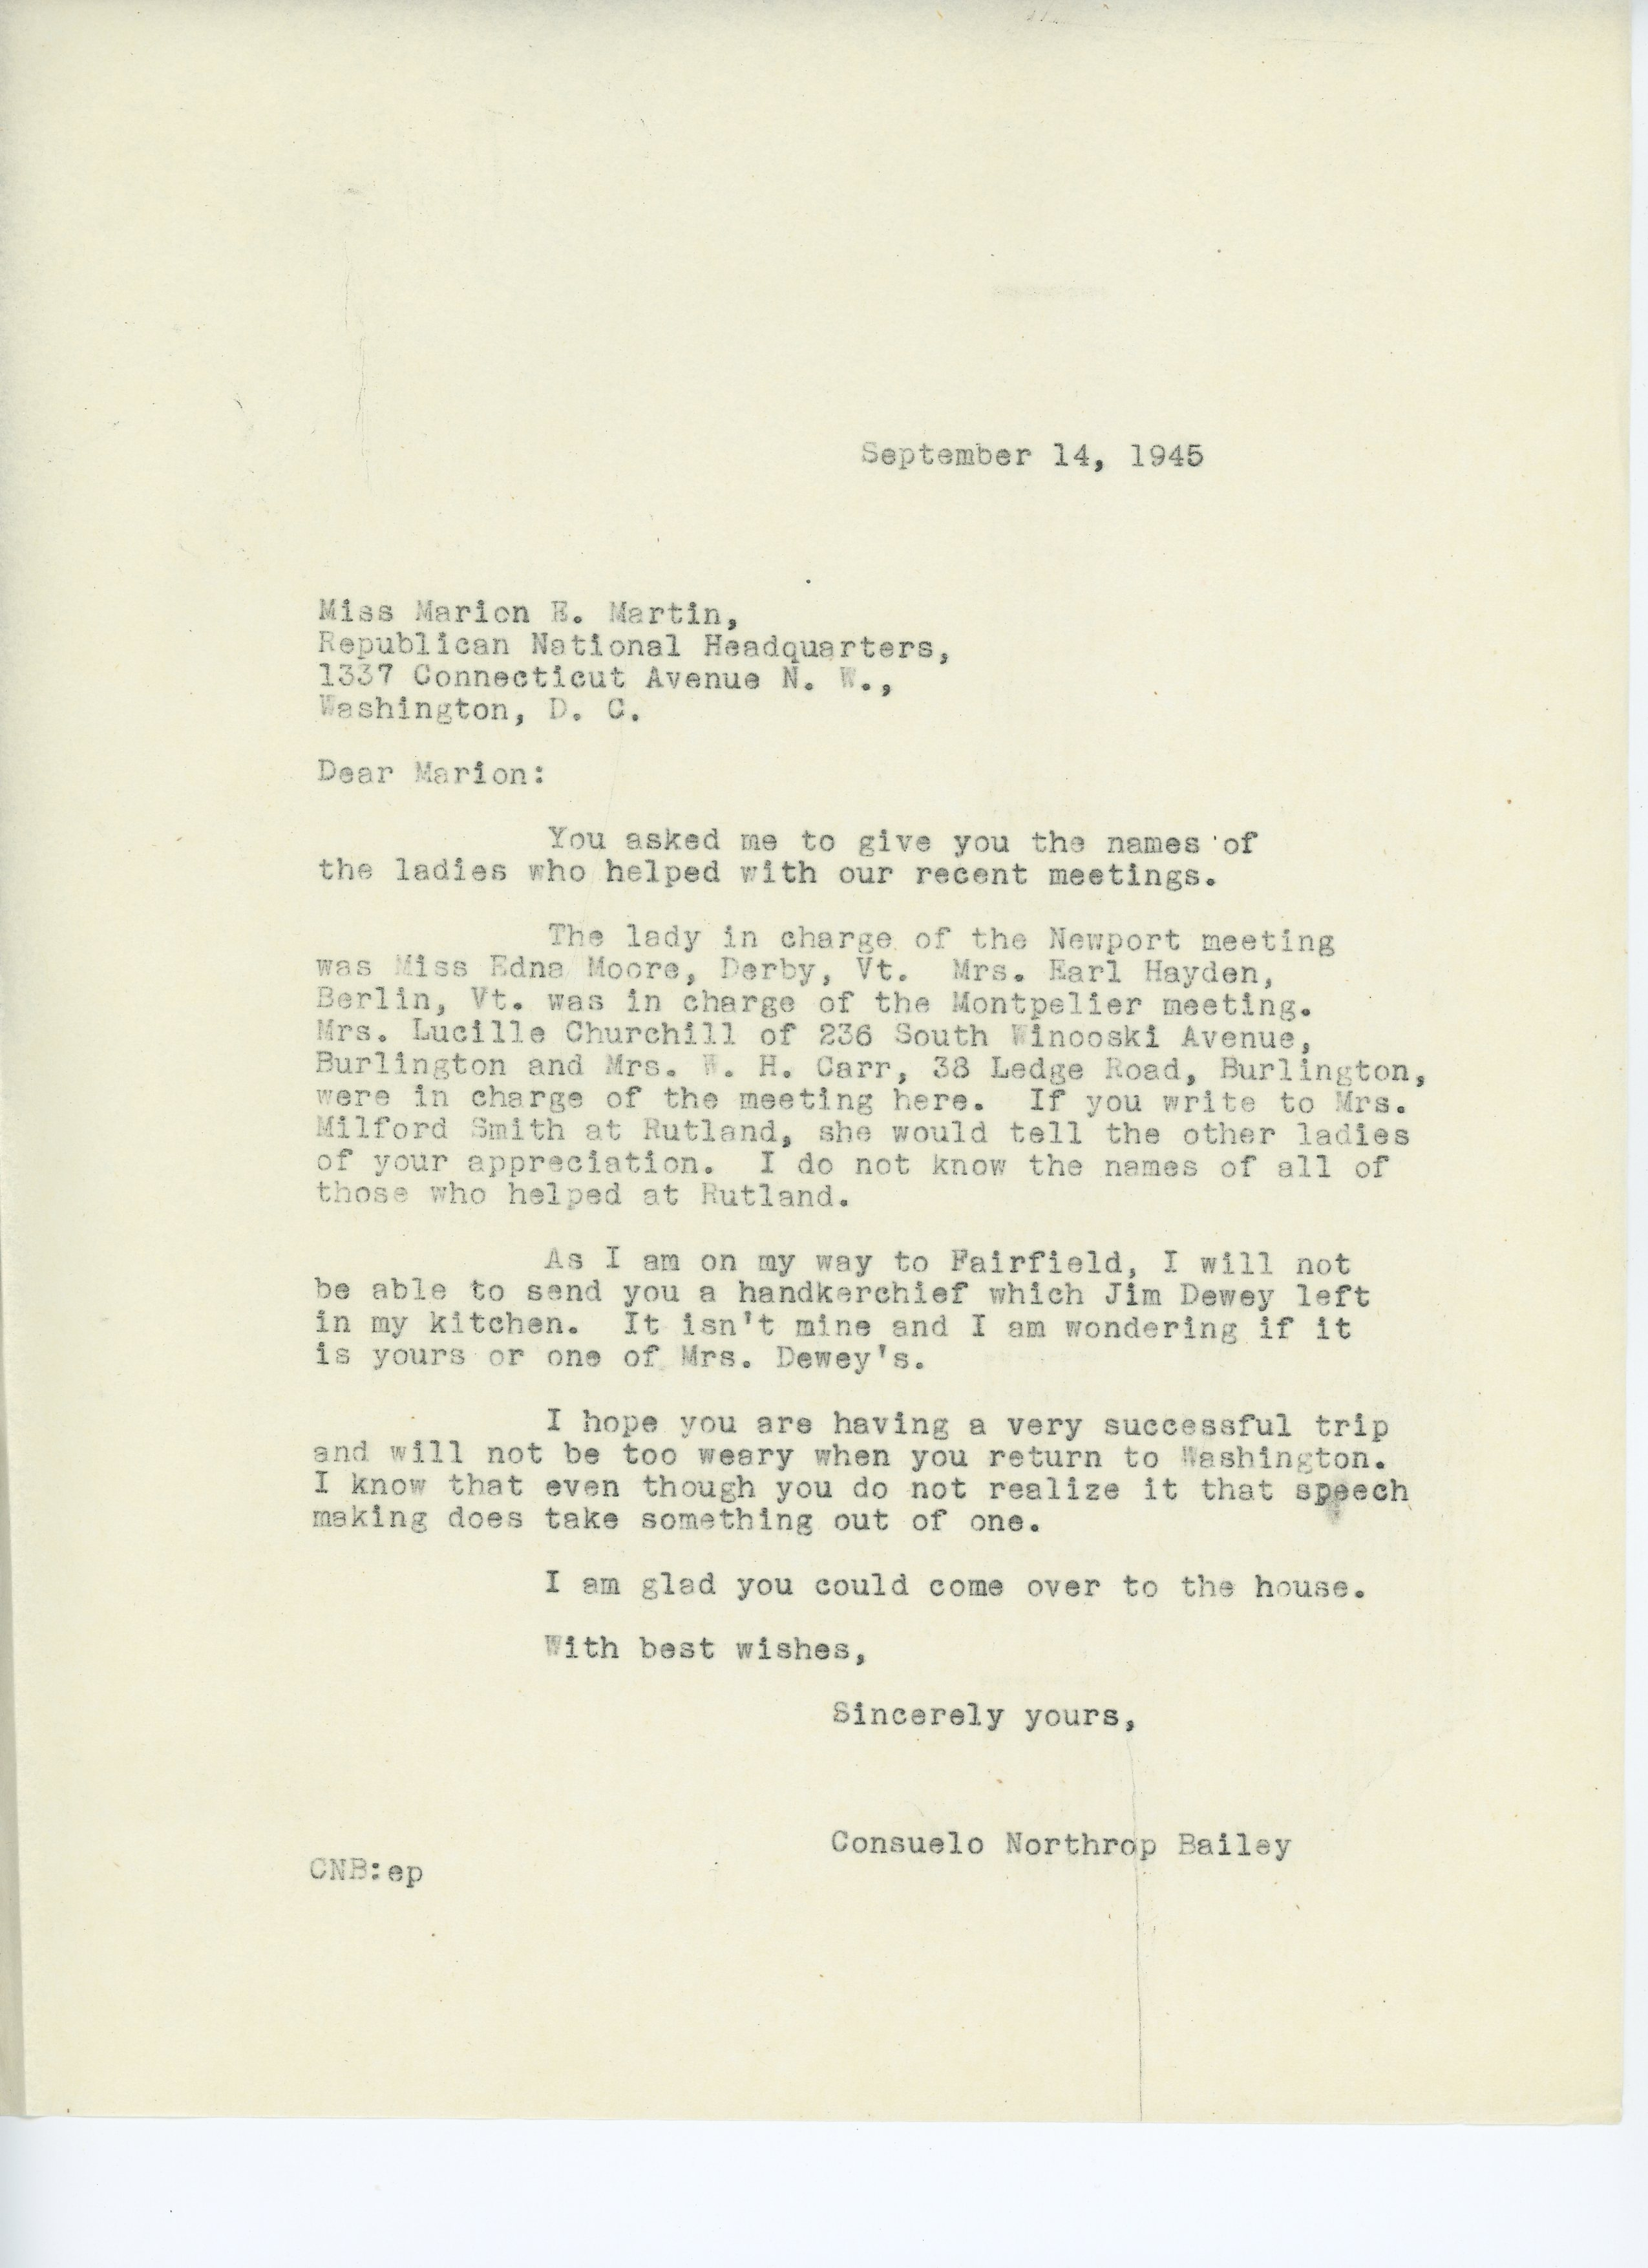 Consuelo Northrop Bailey to Marion E. Martin 1945 September 14